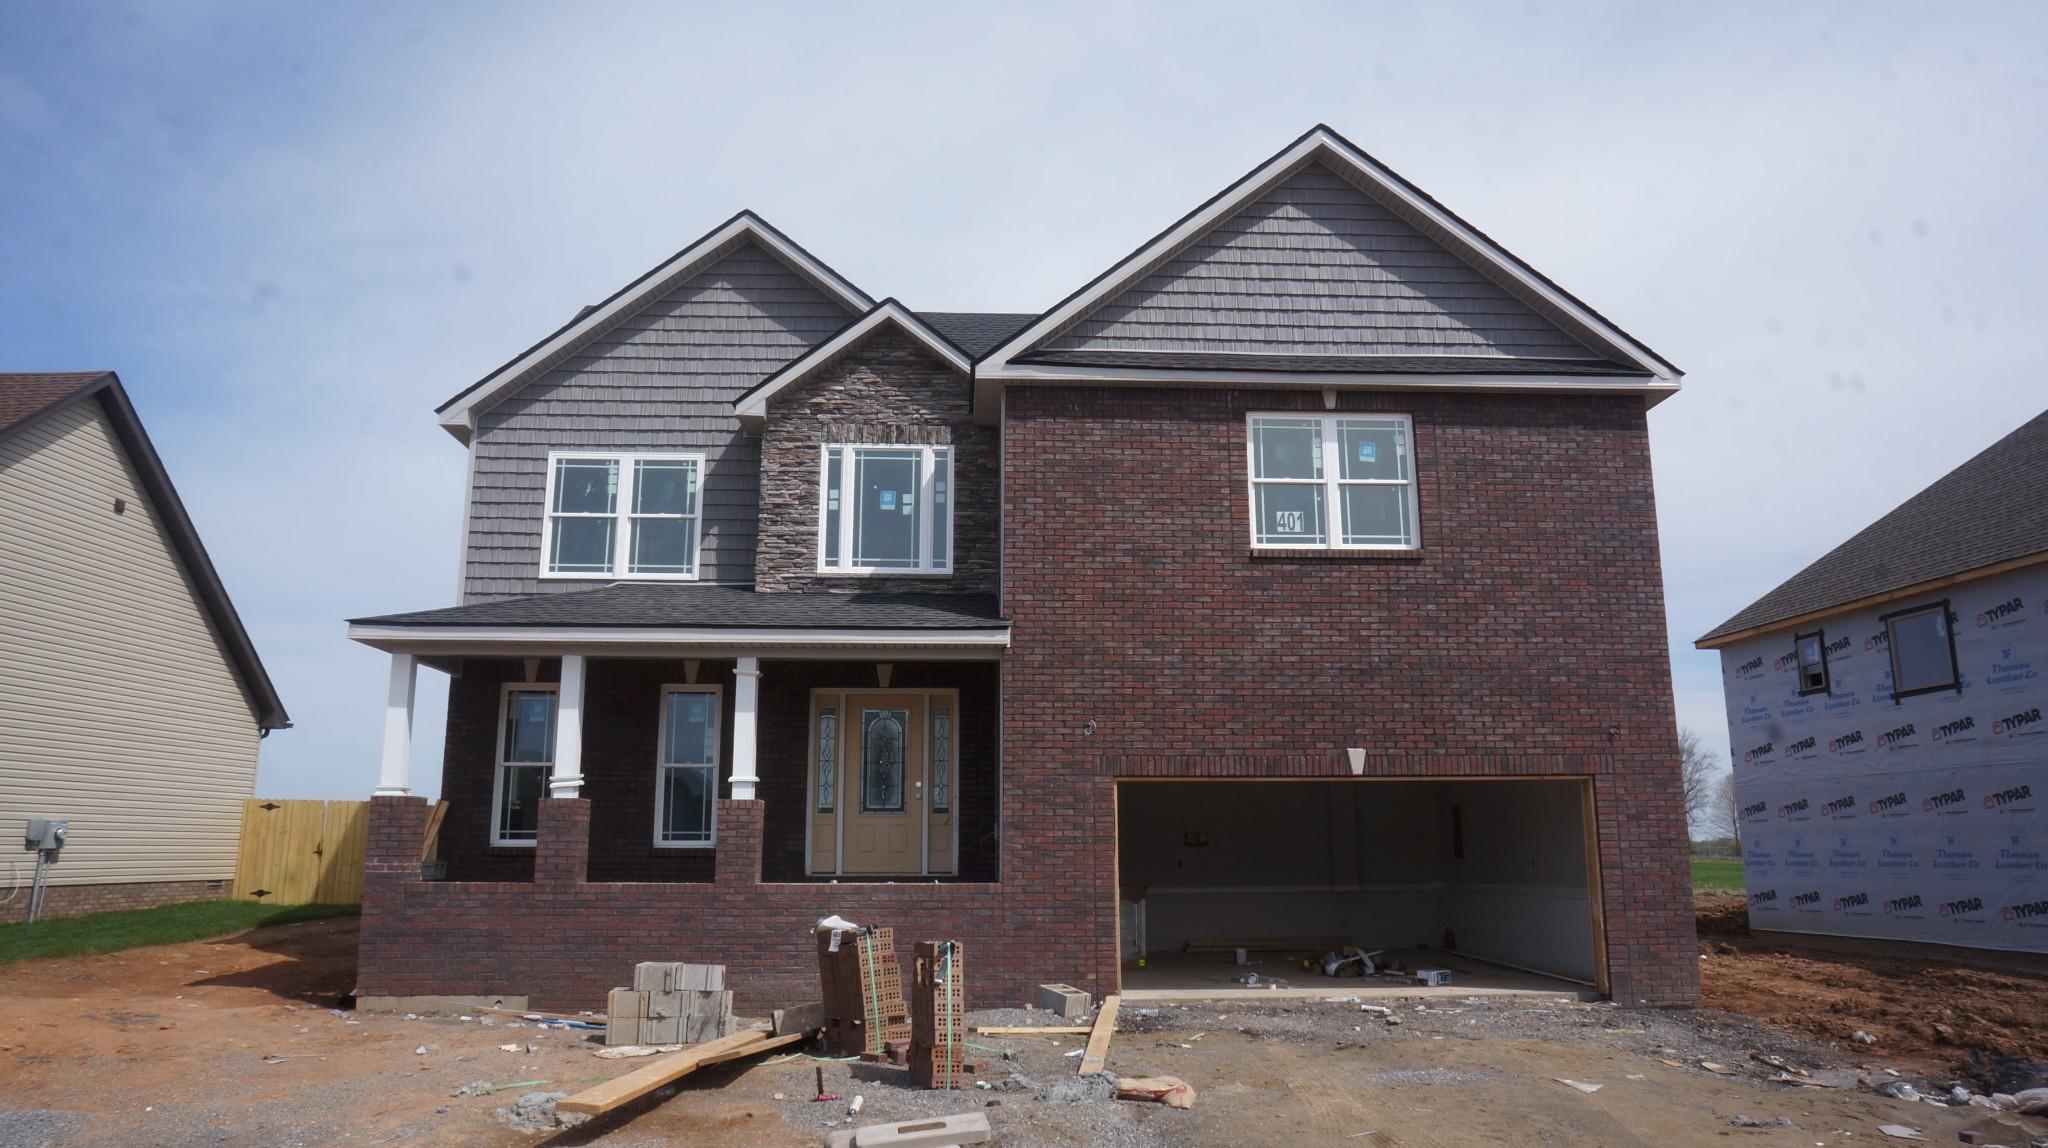 401 Autumnwood Farms , Clarksville, TN 37042 - Clarksville, TN real estate listing